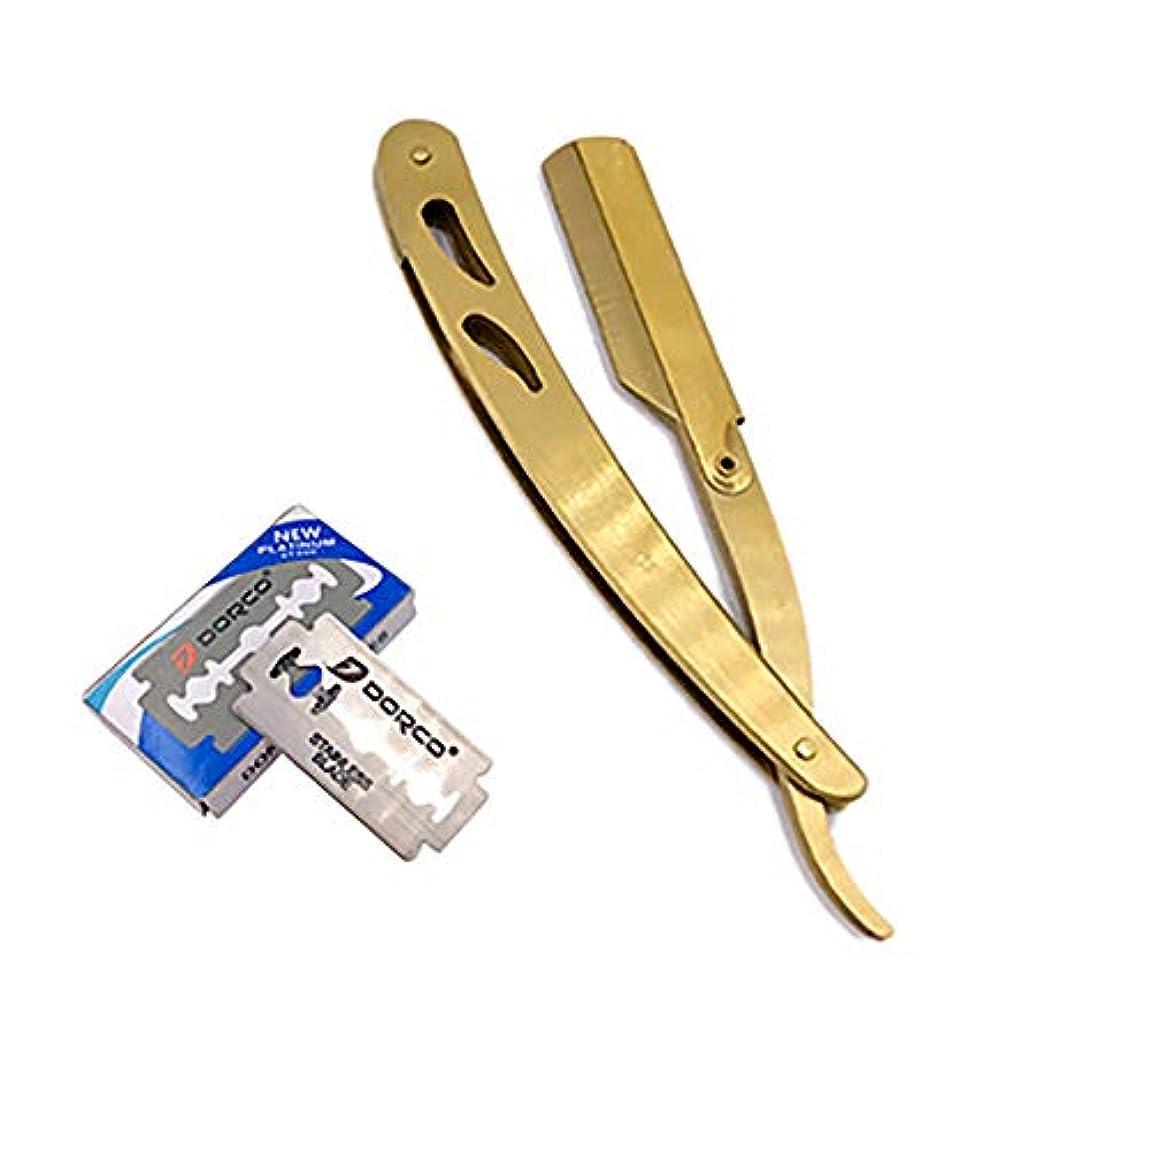 レンダー天必要ステンレス鋼ストレートかみそり、ストレートエッジかみそり折りたたみシェービングナイフマニュアルひげシェーバー理髪シェーバーツール,Gold